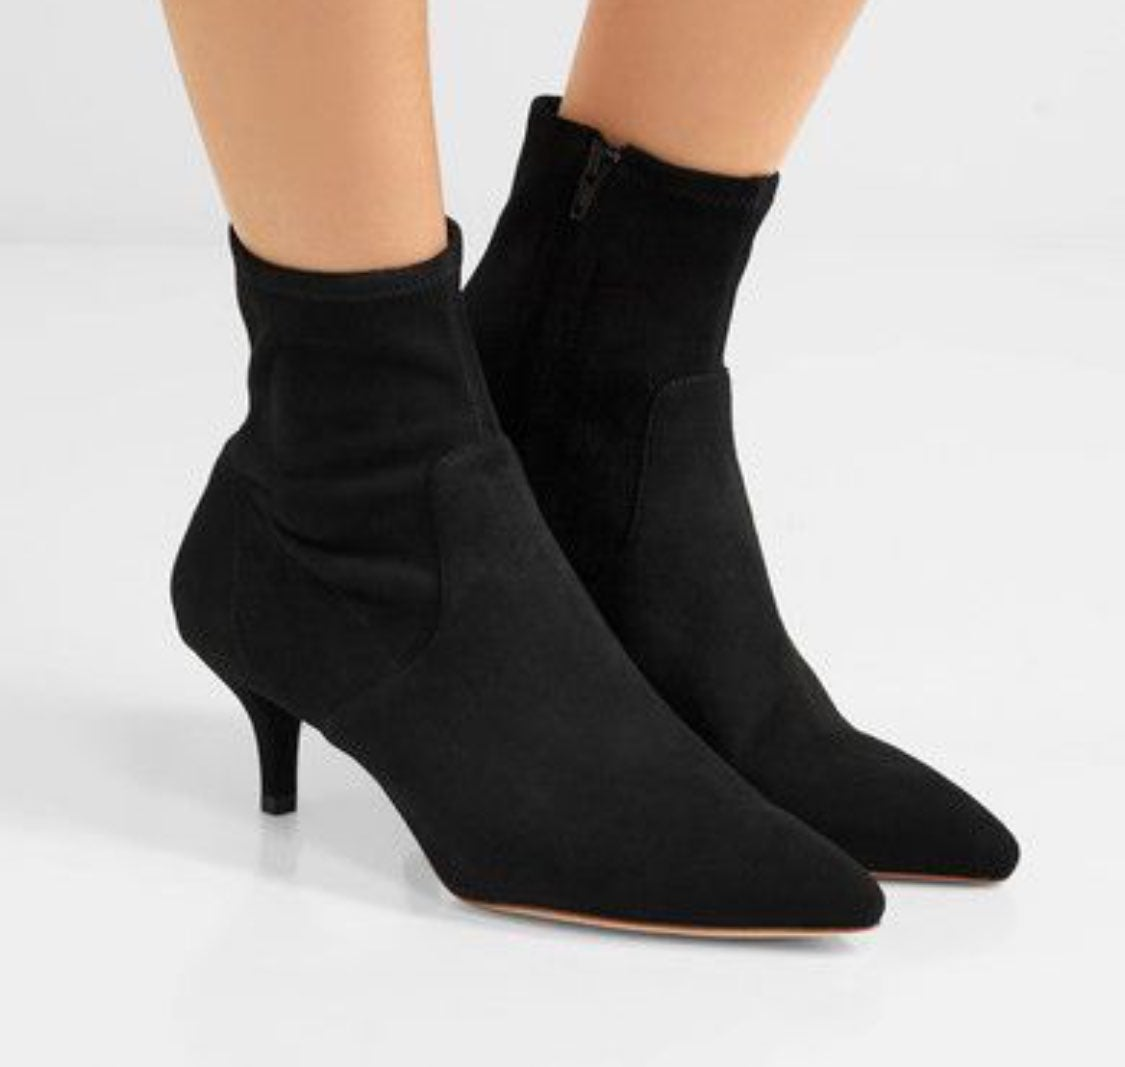 loeffler randall black sock ankle boots